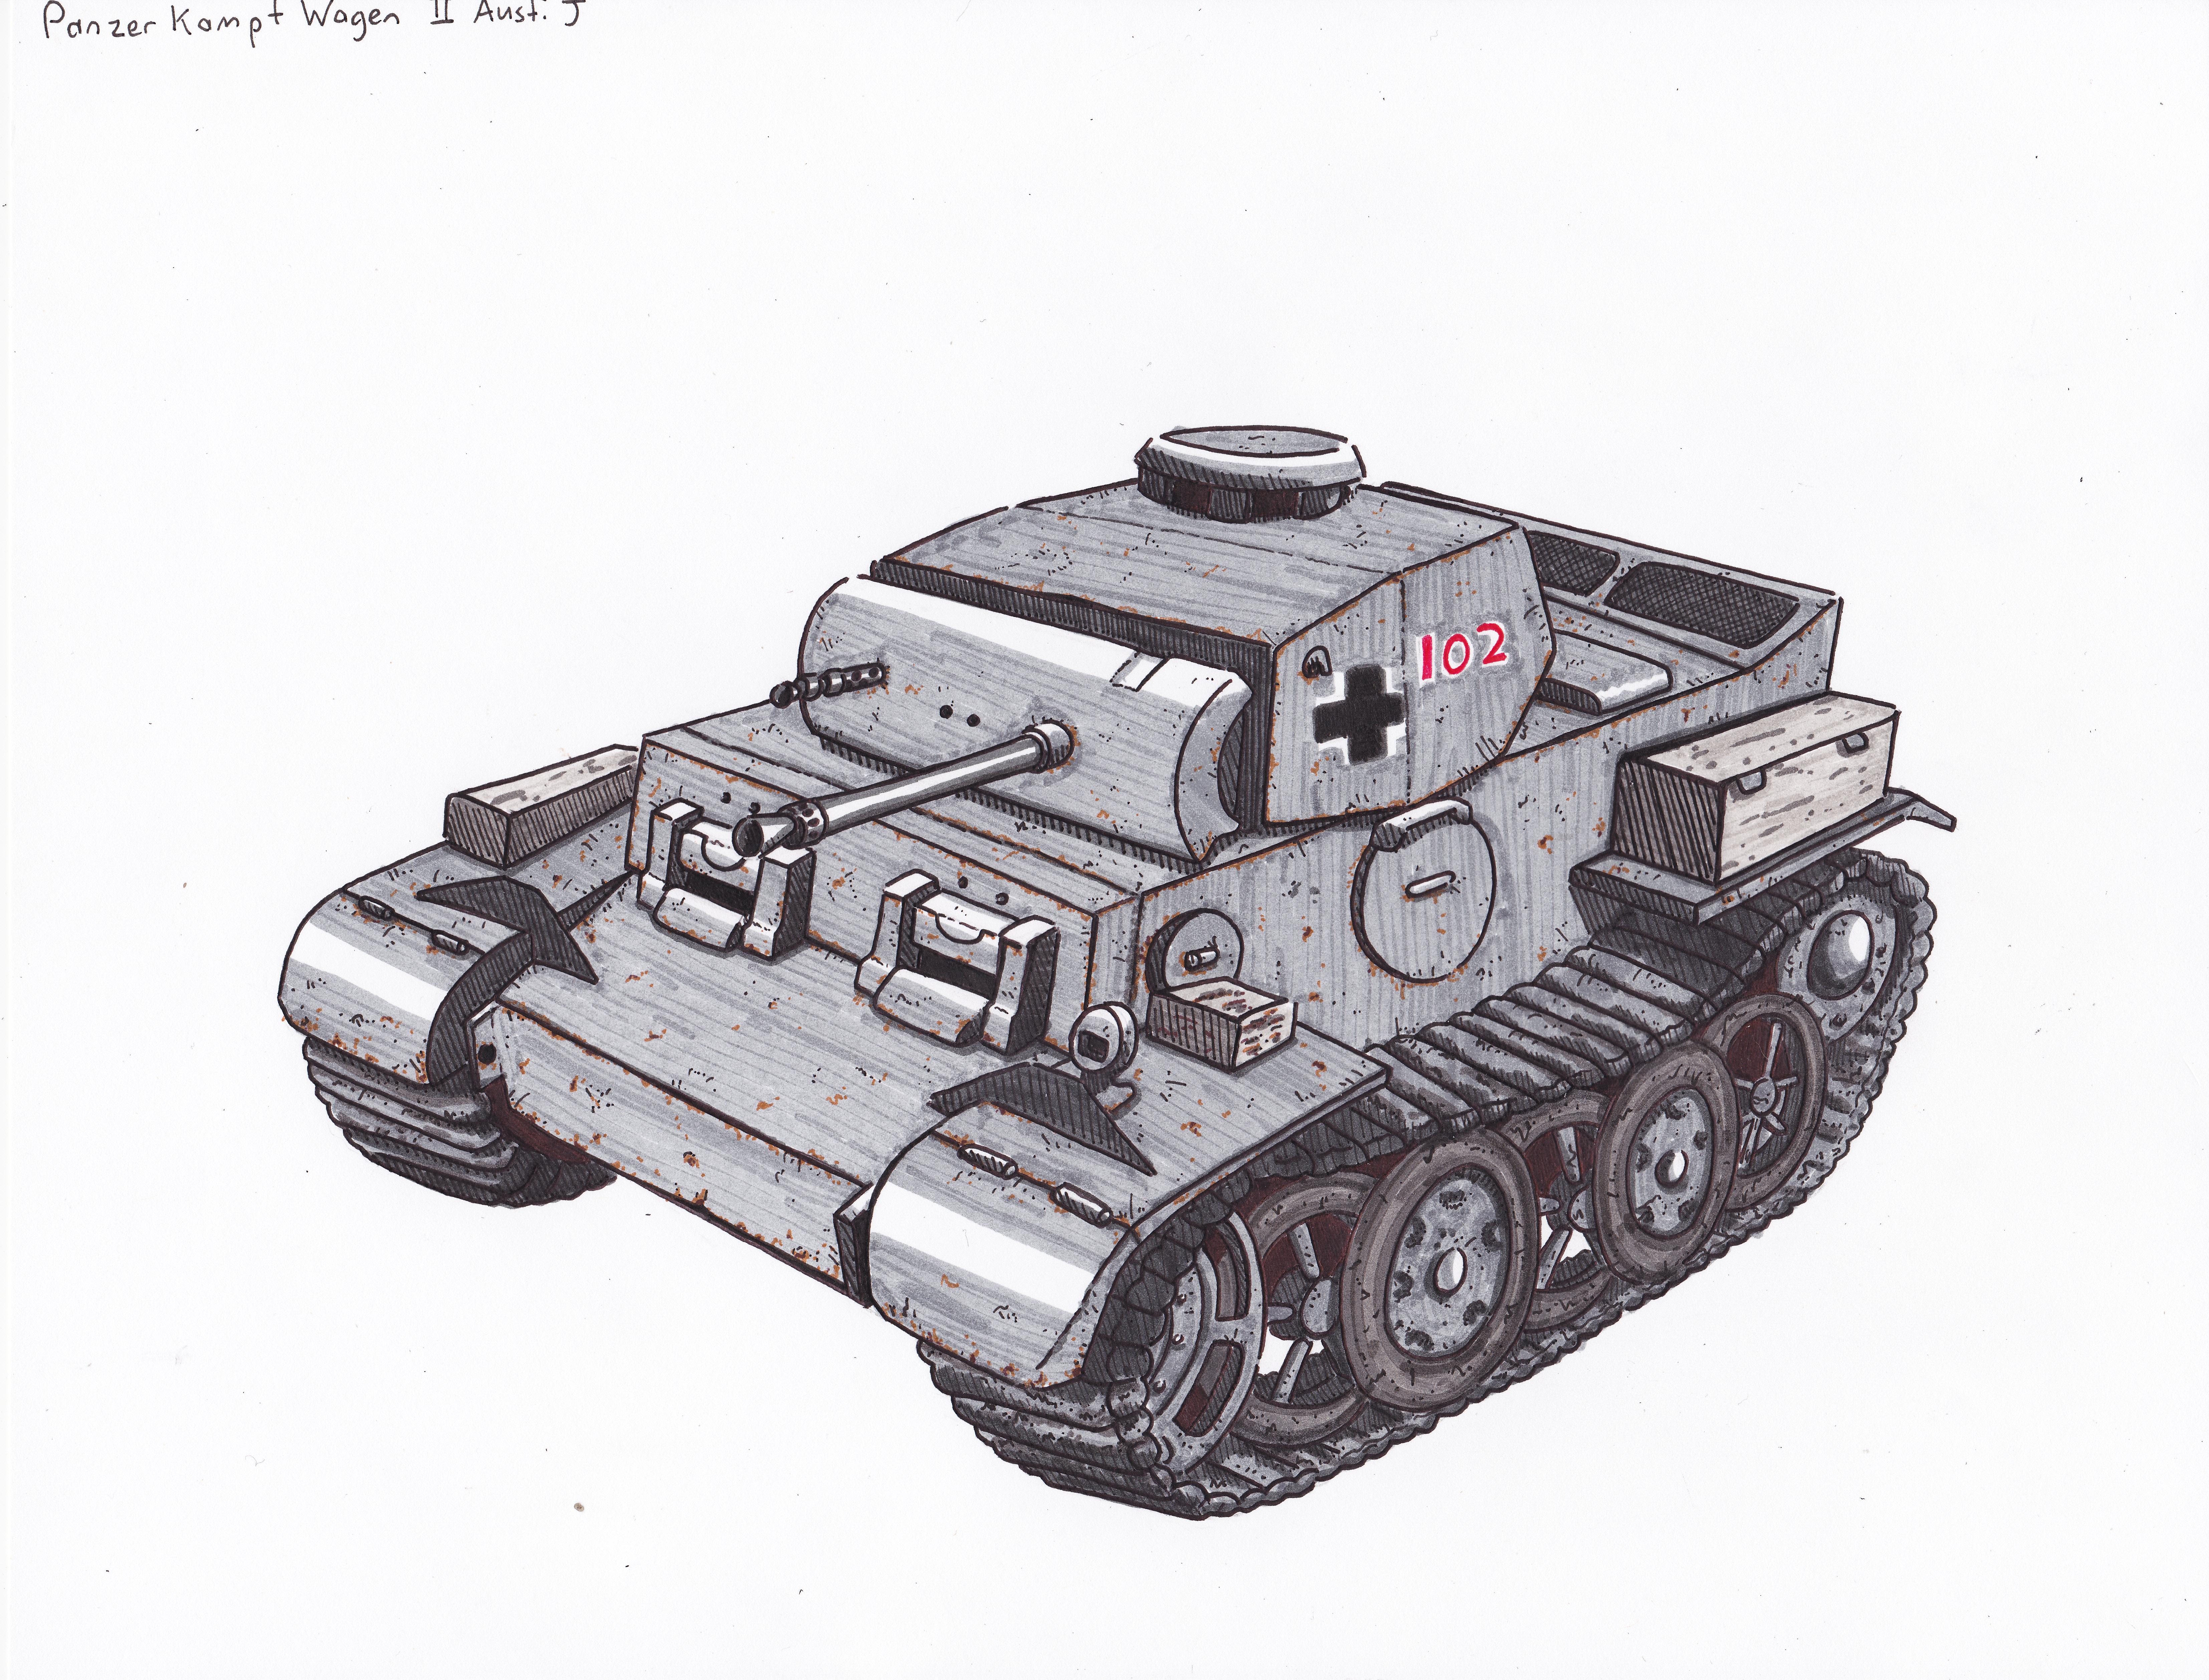 PanzerKampfWagen II Ausfuhrung J by ObershutzeWienman